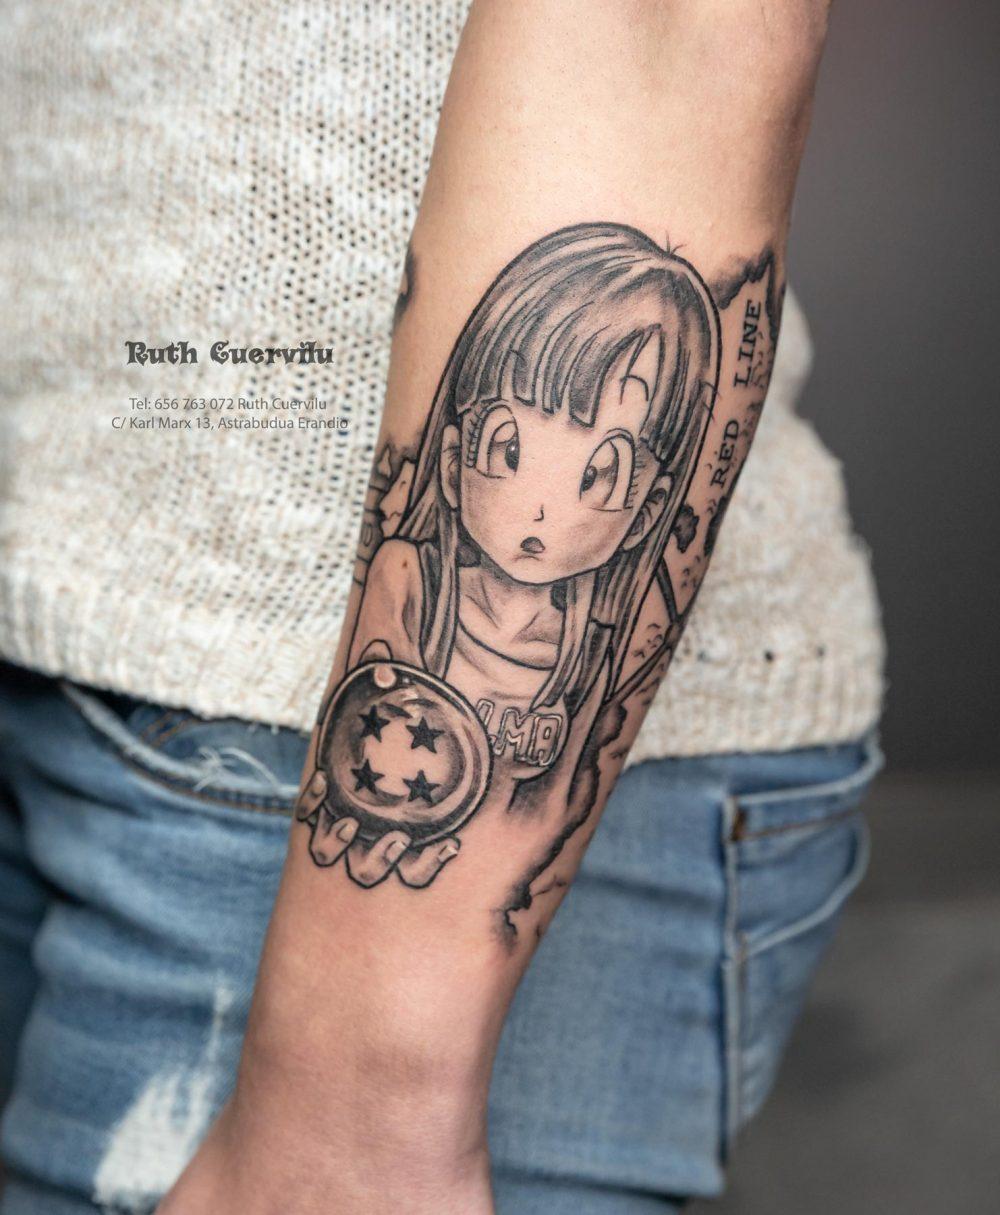 Tatuaje Bulma Dragon Ball - Ruth Cuervilu Tattoo - KM13 Studio - Estudio de tatuajes Astrabudua Erandio Bizkaia Bilbao Barakaldo Getxo Leioa Gasteiz